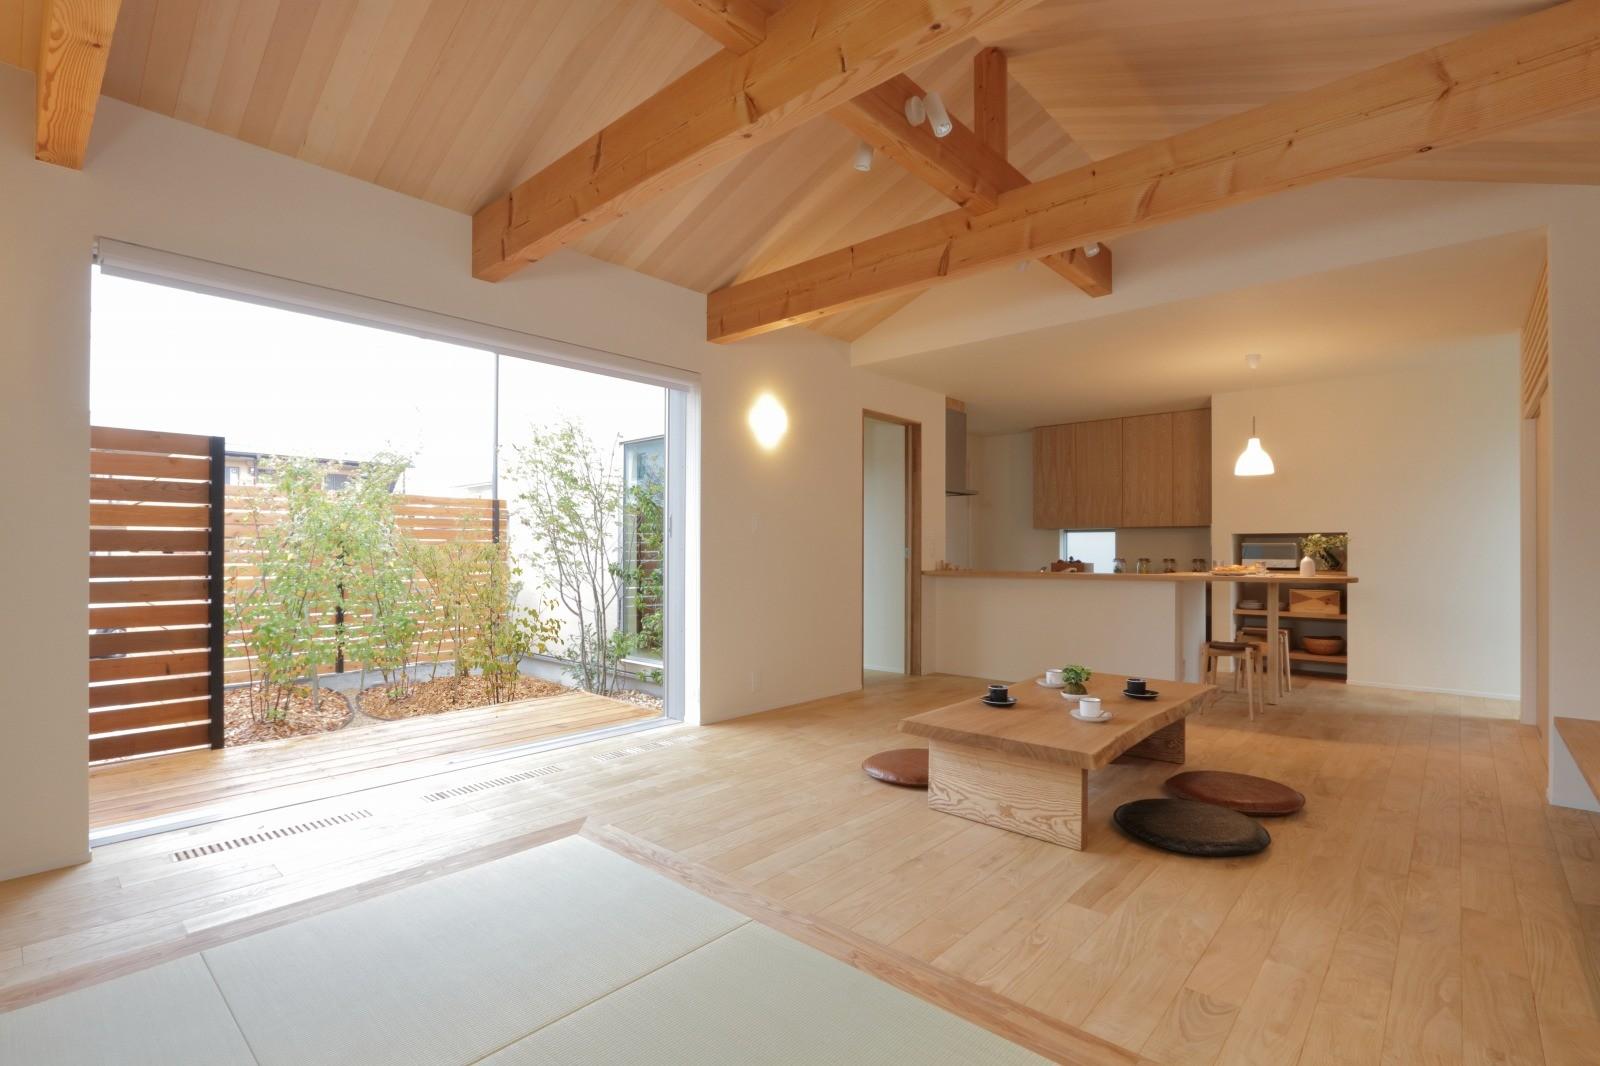 【滋賀県/2000~2500万円/約30坪】座卓に濡縁に板張りで仕上げた勾配天井。木のぬくもりを感じる、畳リビングのお家 アイキャッチ画像